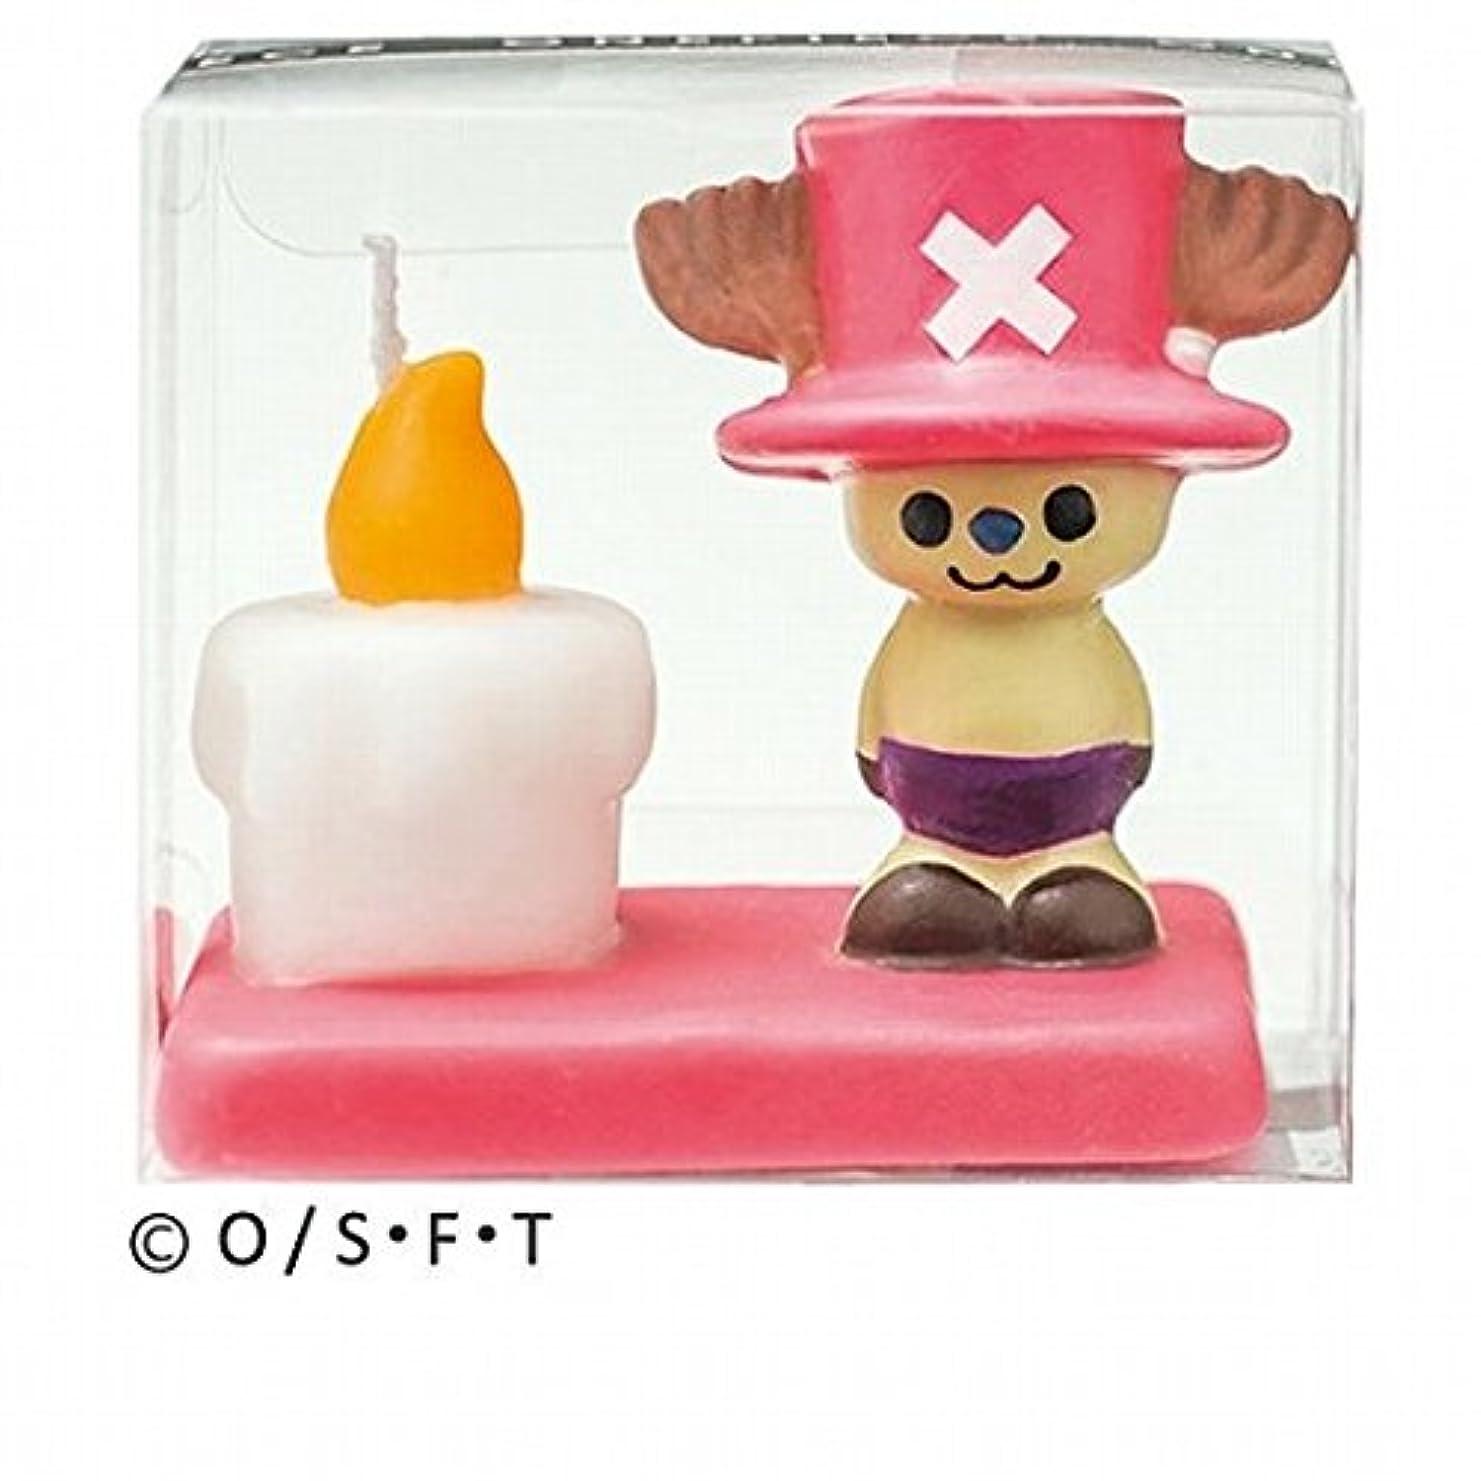 連隊スイング役立つkameyama candle(カメヤマキャンドル) チョッパーキャンドル(56220010)